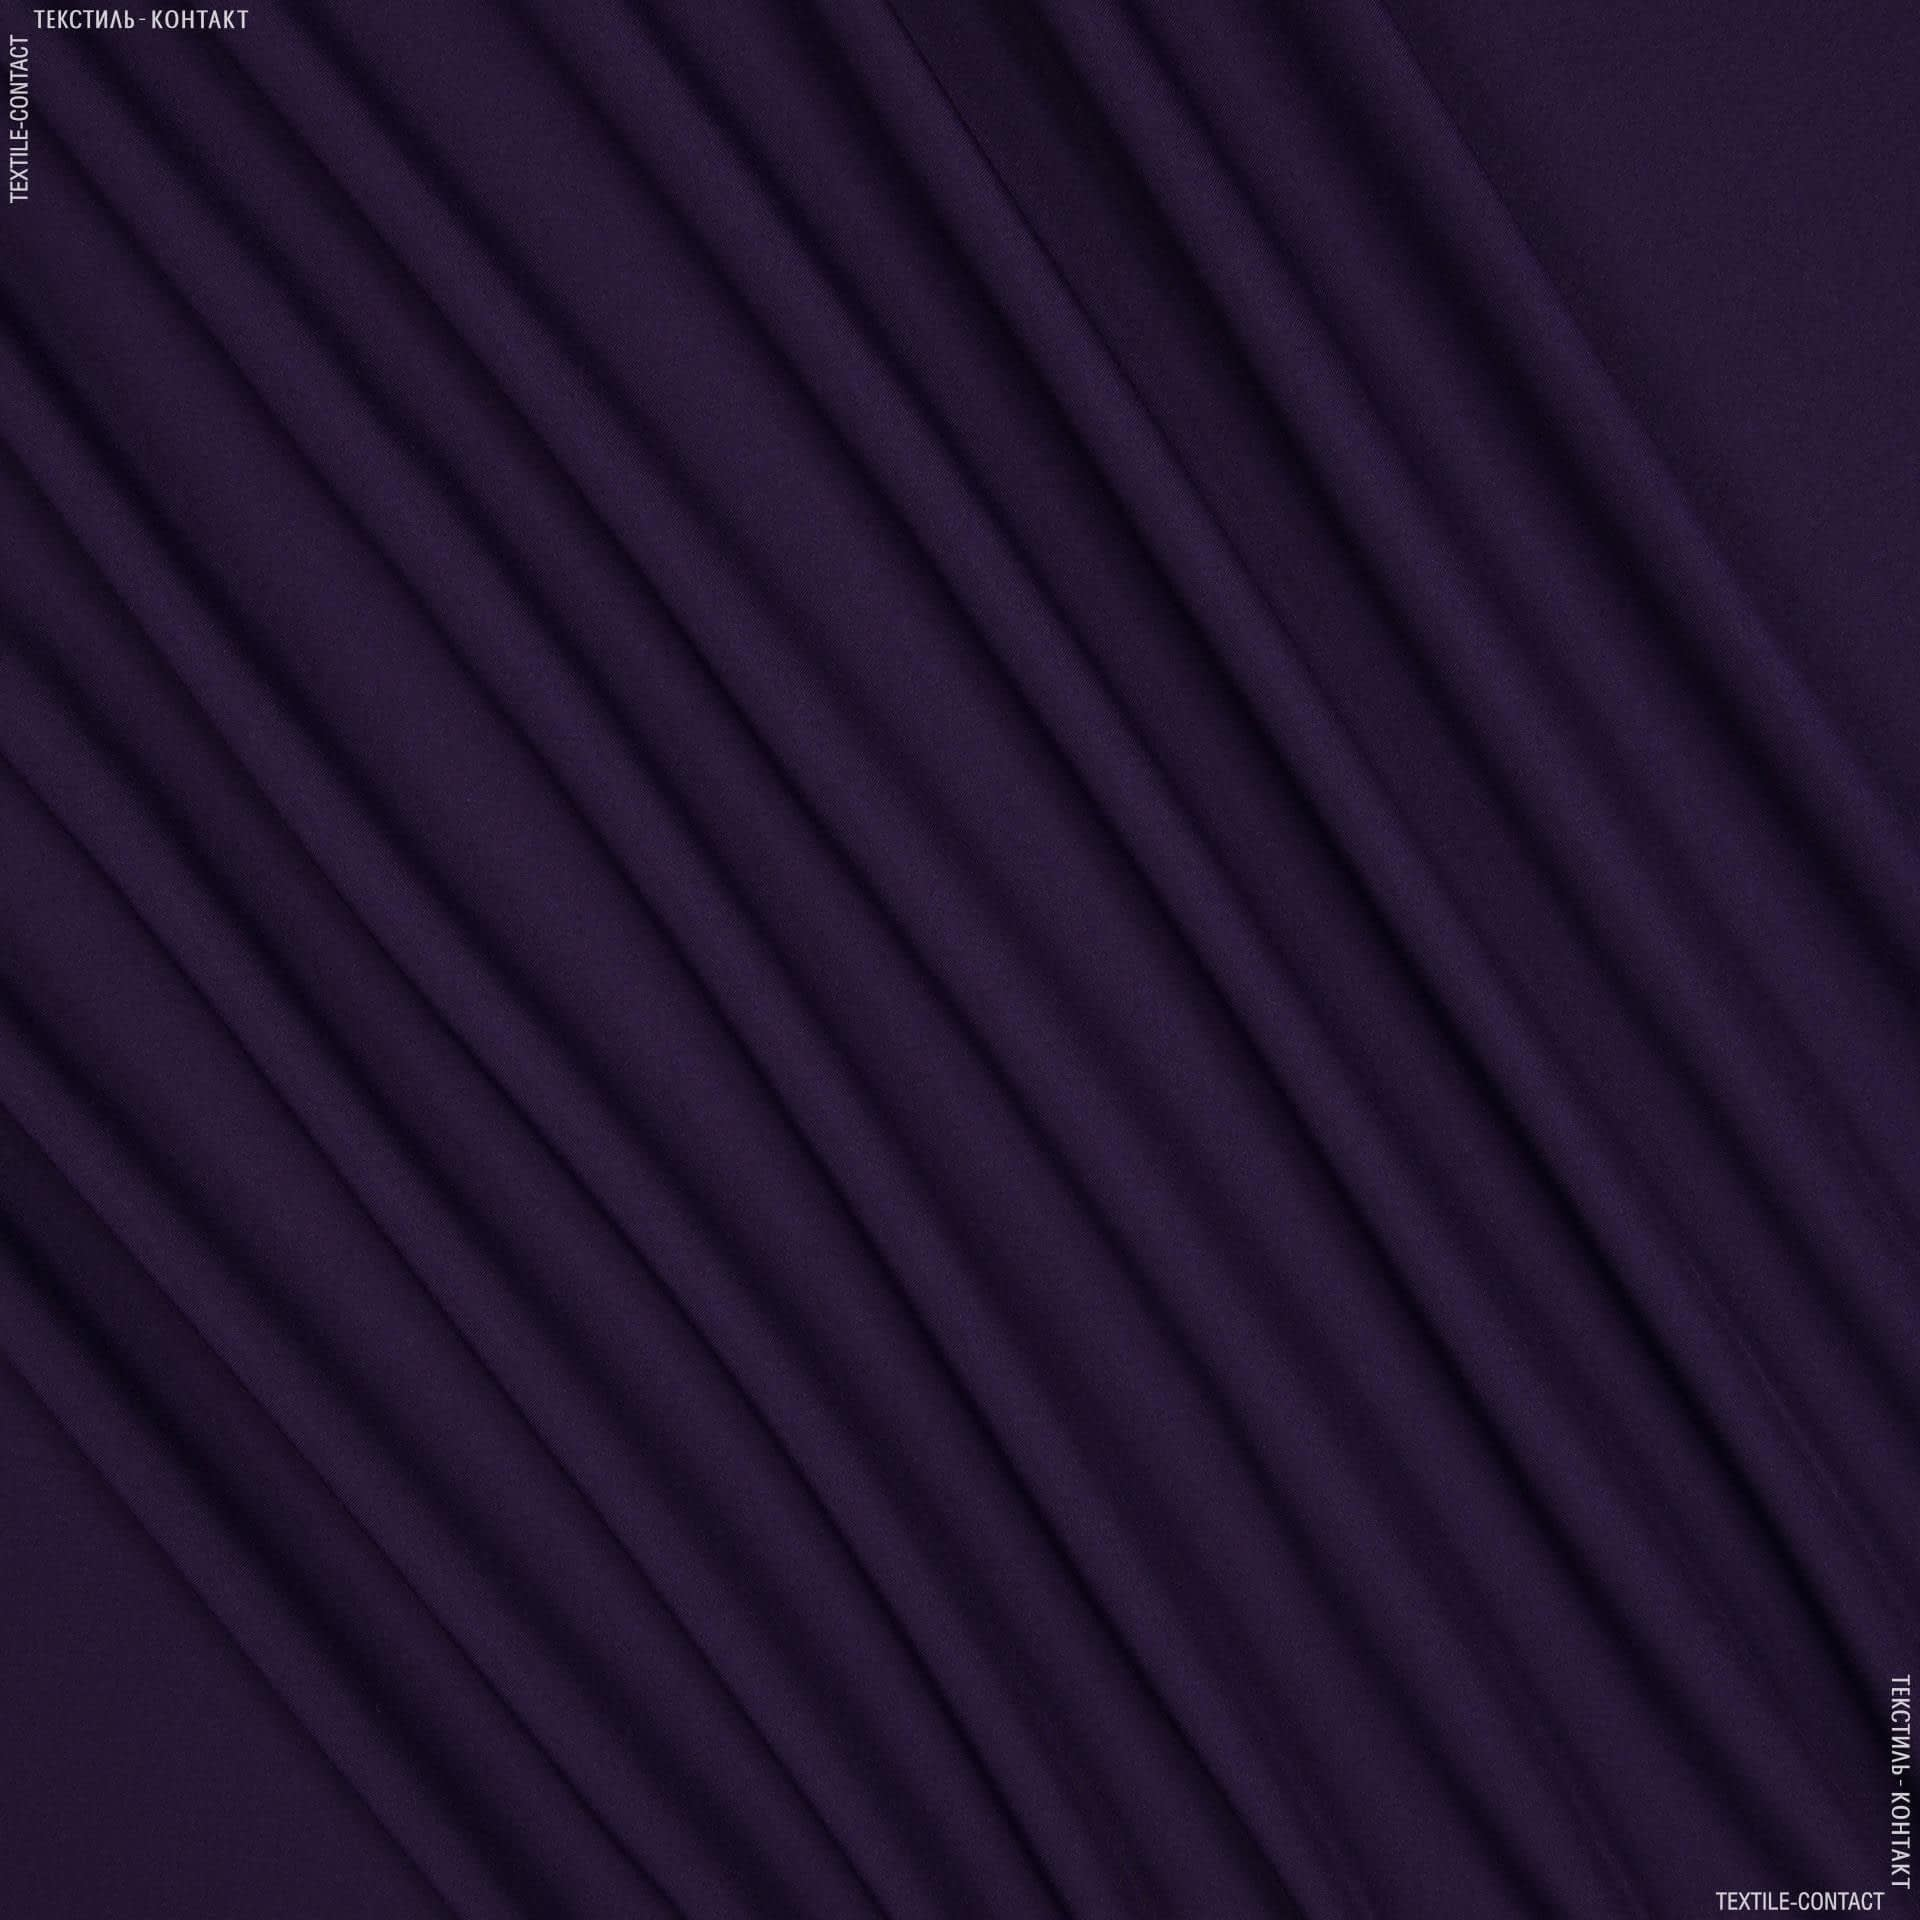 Тканини для штанів - Габардин чорнильний